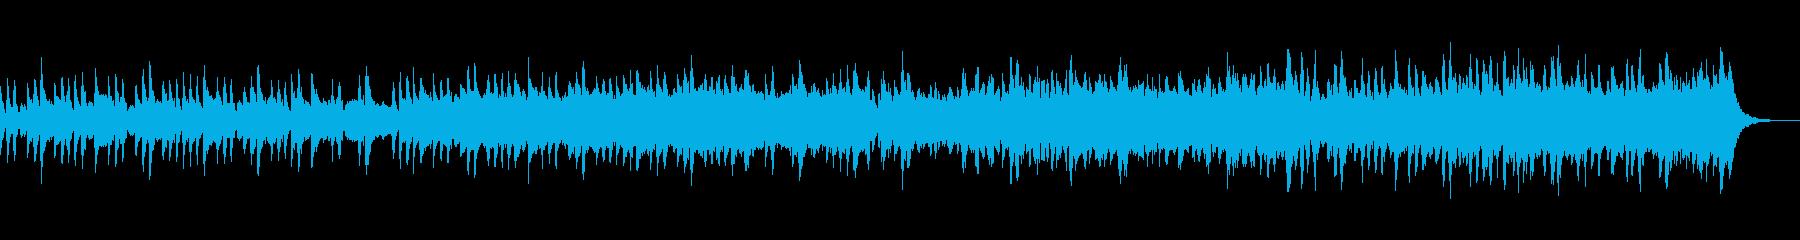 琴・三味線・尺八を用いた和風バラードの再生済みの波形